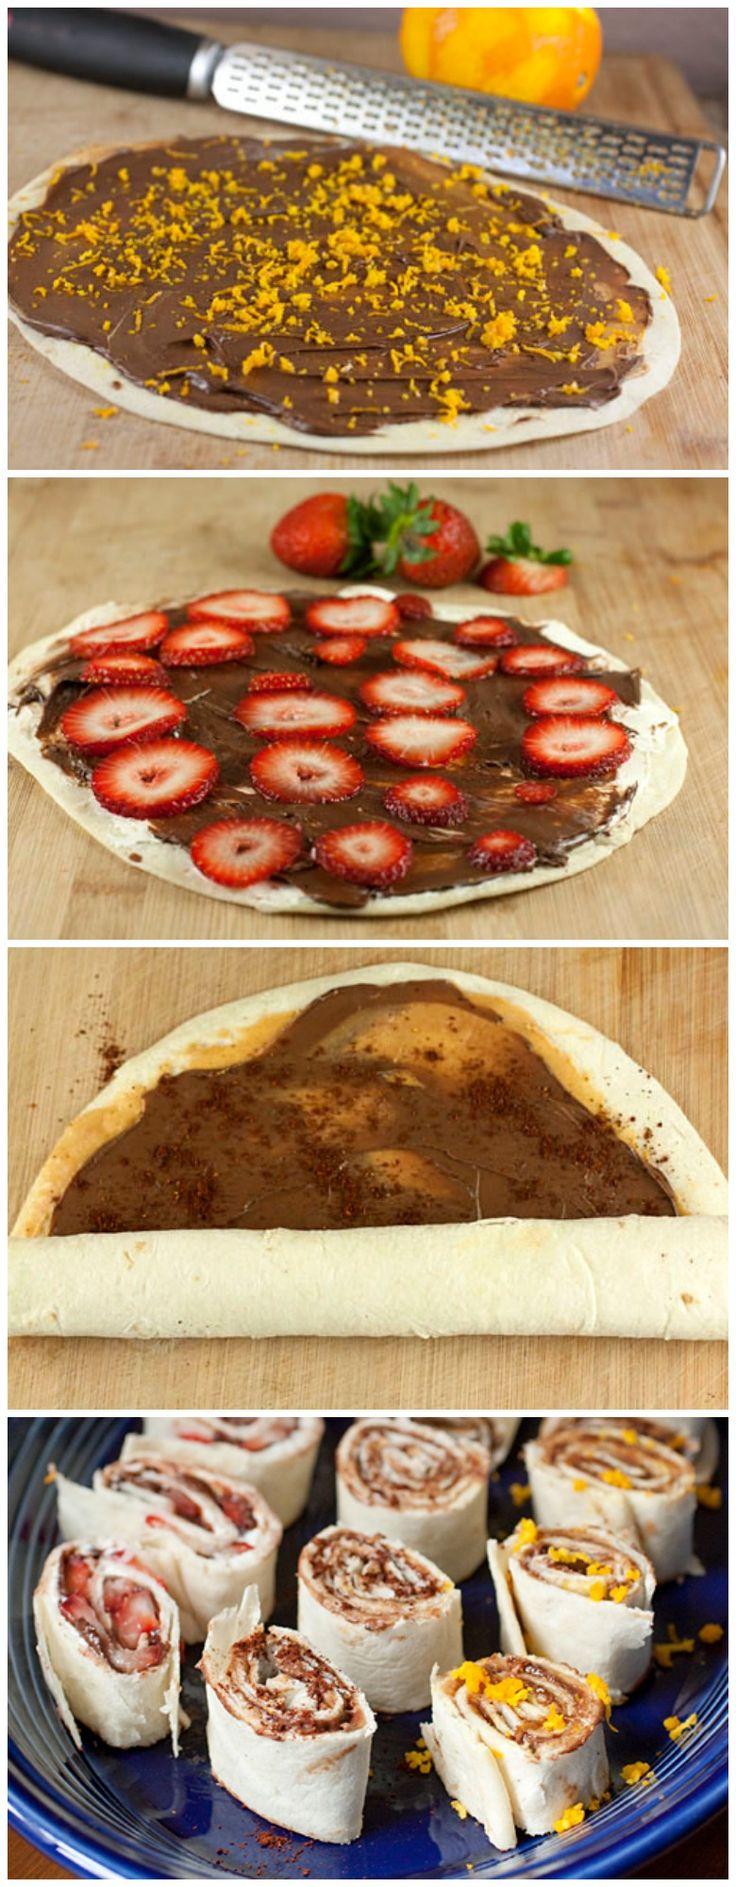 Dessert Pinwheels: flour tortillas + peanut butter + Nutella + strawberries + orange zest + cream cheese + chili powder